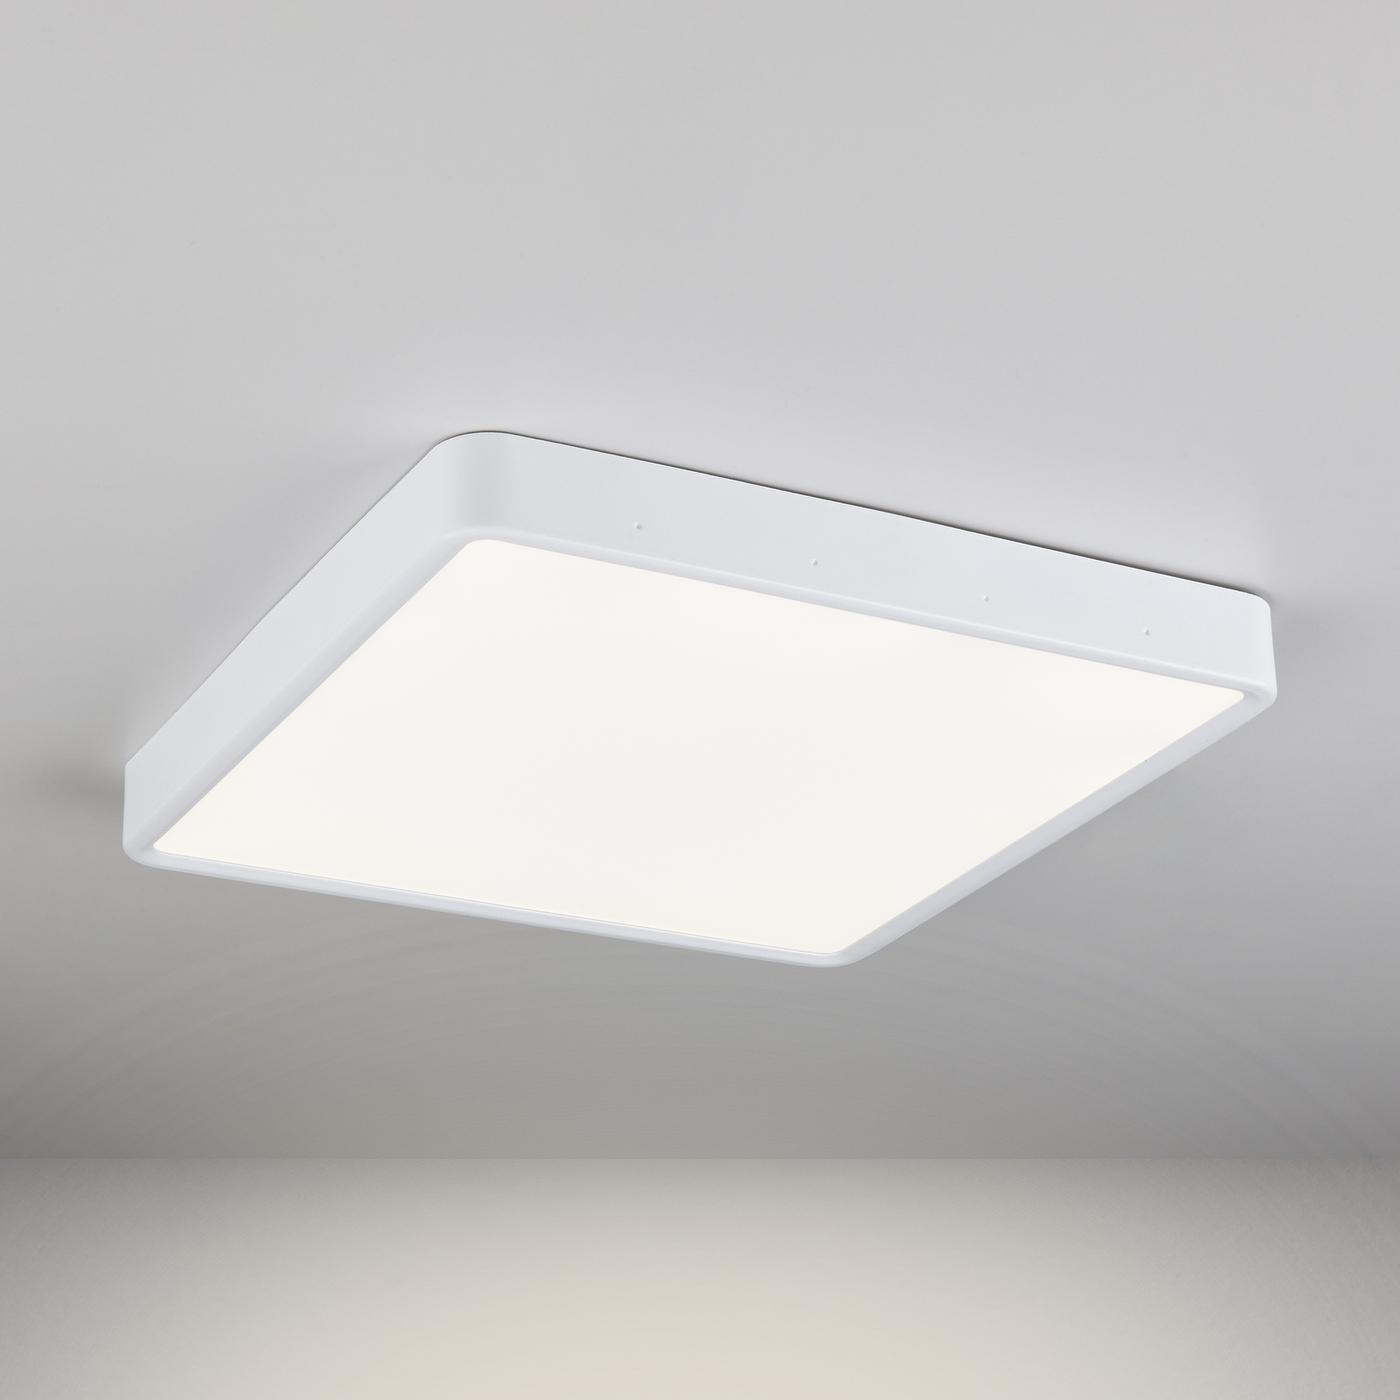 DLS034 24W 4200K/ Светильник светодиодный стационарный